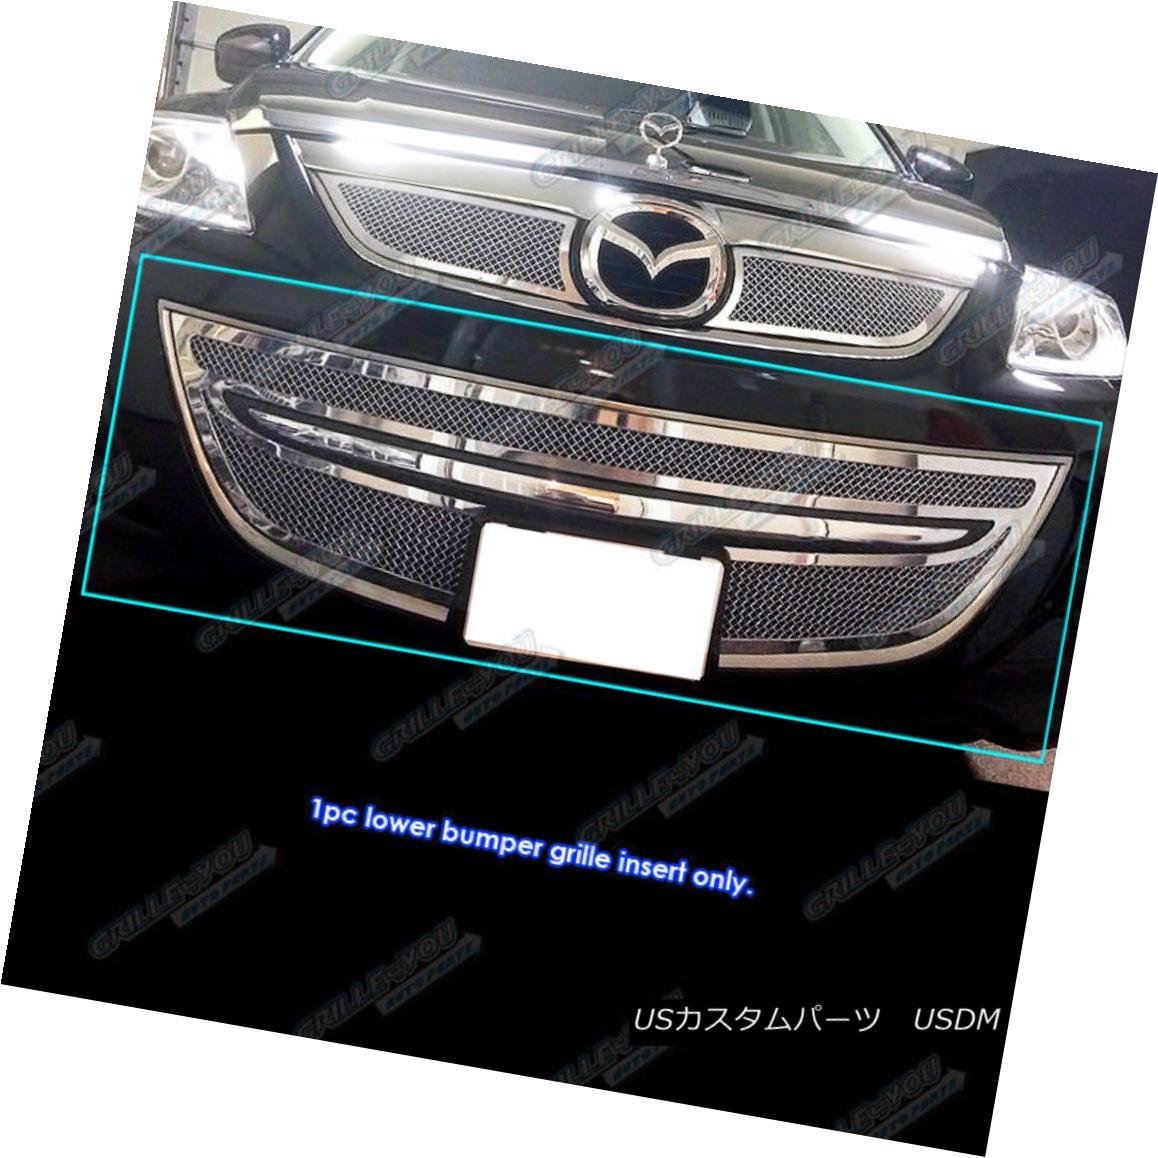 グリル Fits 2010-2013 Mazda CX-9 CX9 Bumper Stainless Steel Mesh Grille Grill Insert フィット2010-2013マツダCX - 9 CX9バンパーステンレスメッシュグリルグリルインサート